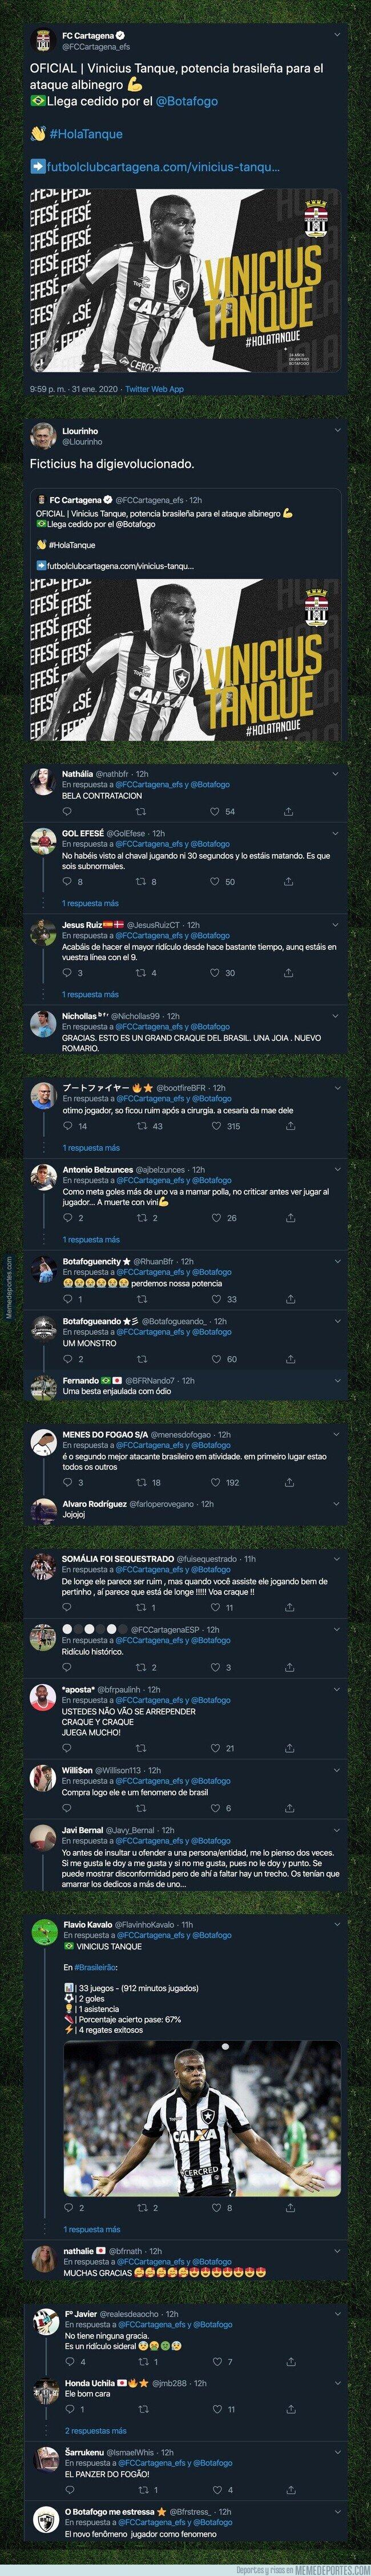 1097285 - El Cartagena ha fichado a un tal 'Vinicius Tanque' del Botafogo y todos los aficionados brasileños están respondiendo de forma épica por sacarse de encima a tal paquete